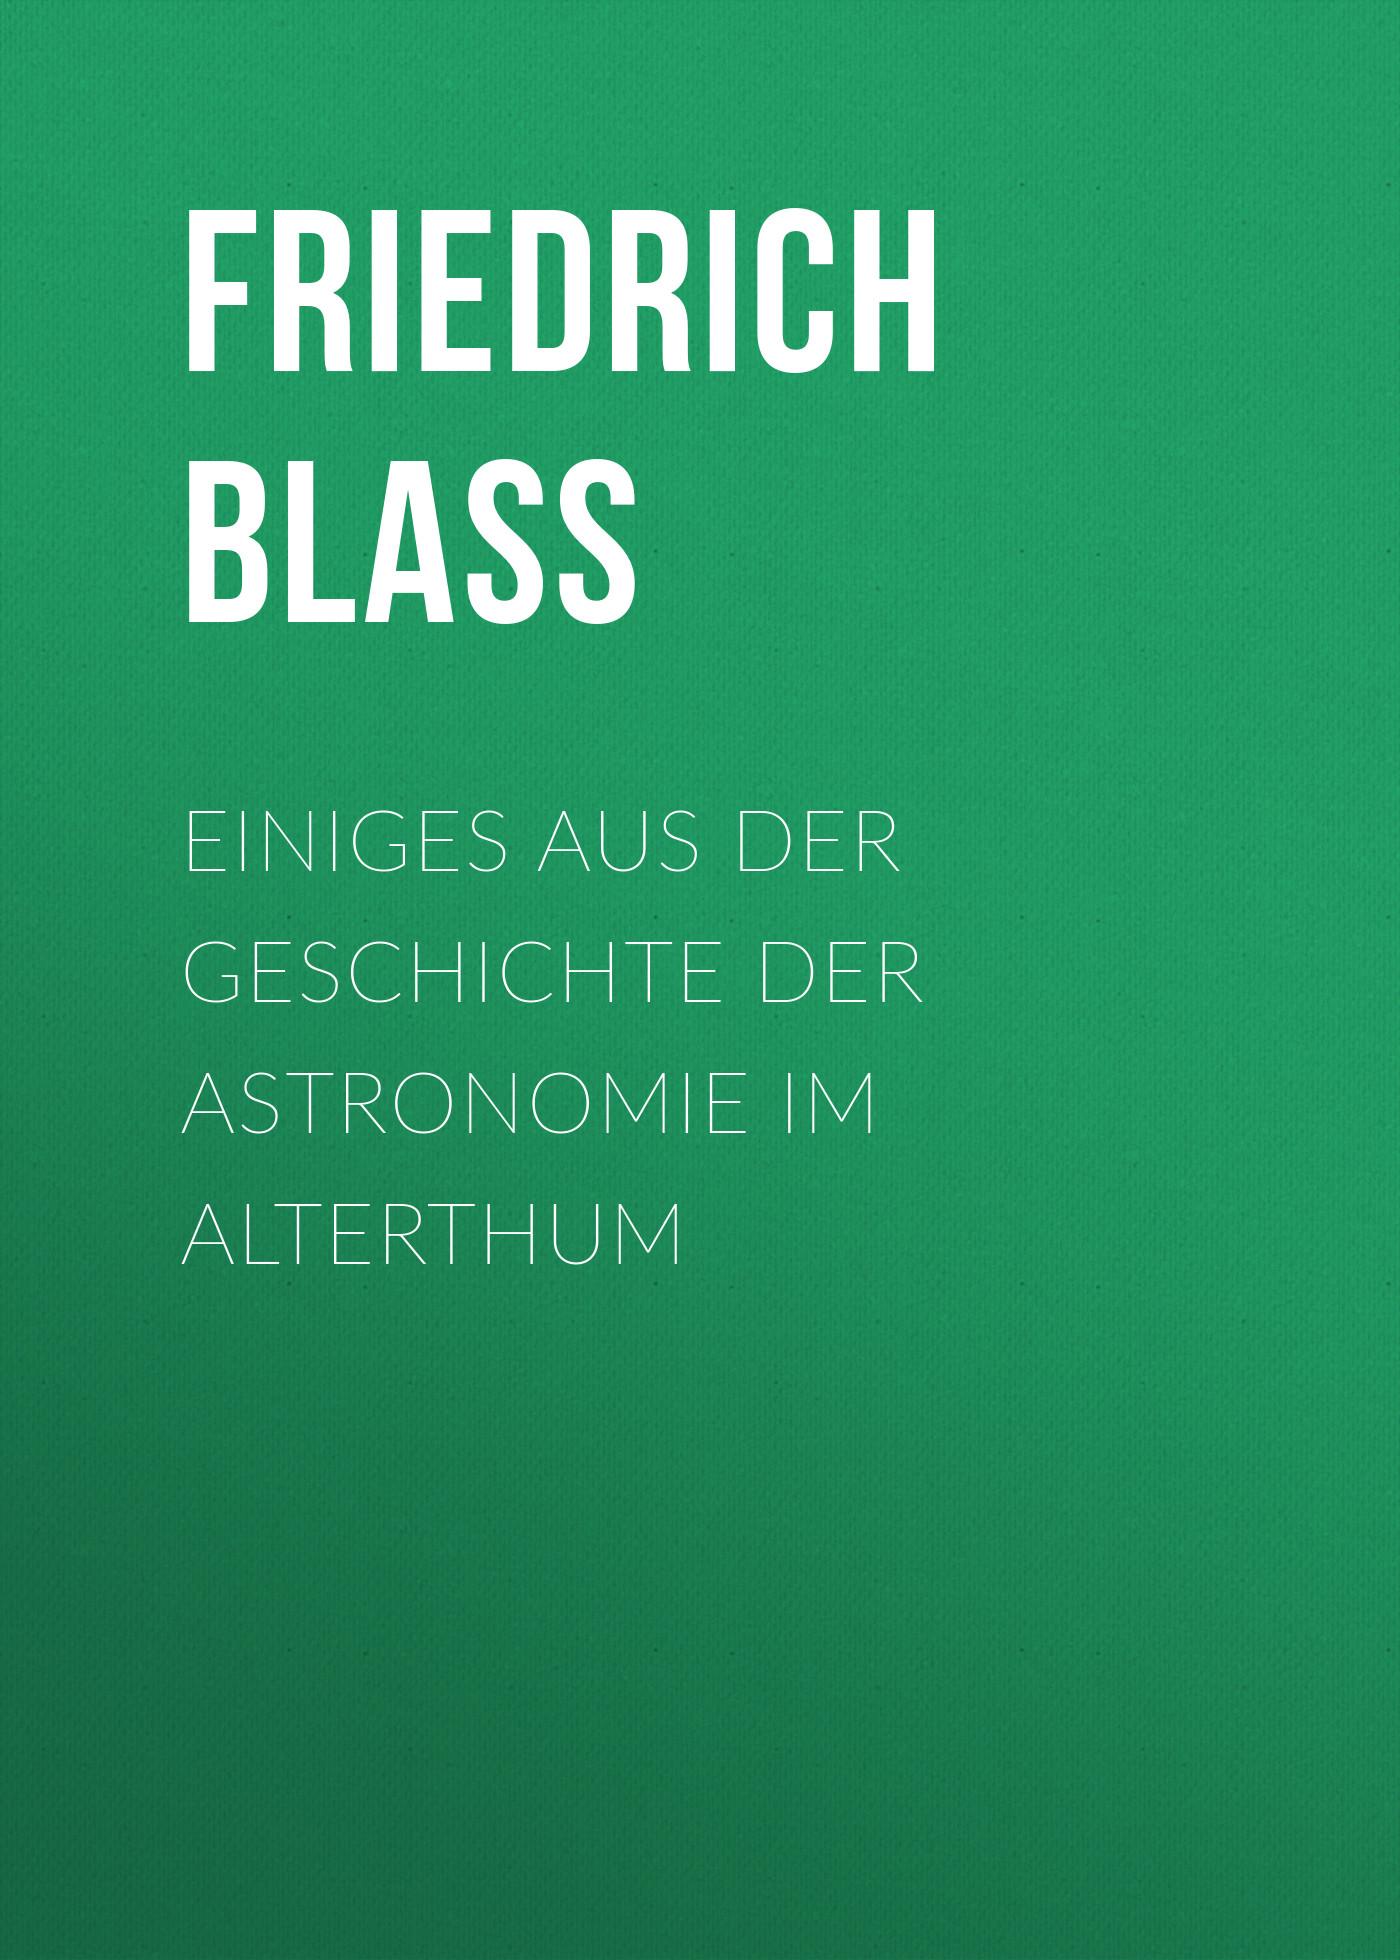 Friedrich Blass Einiges aus der Geschichte der Astronomie im Alterthum